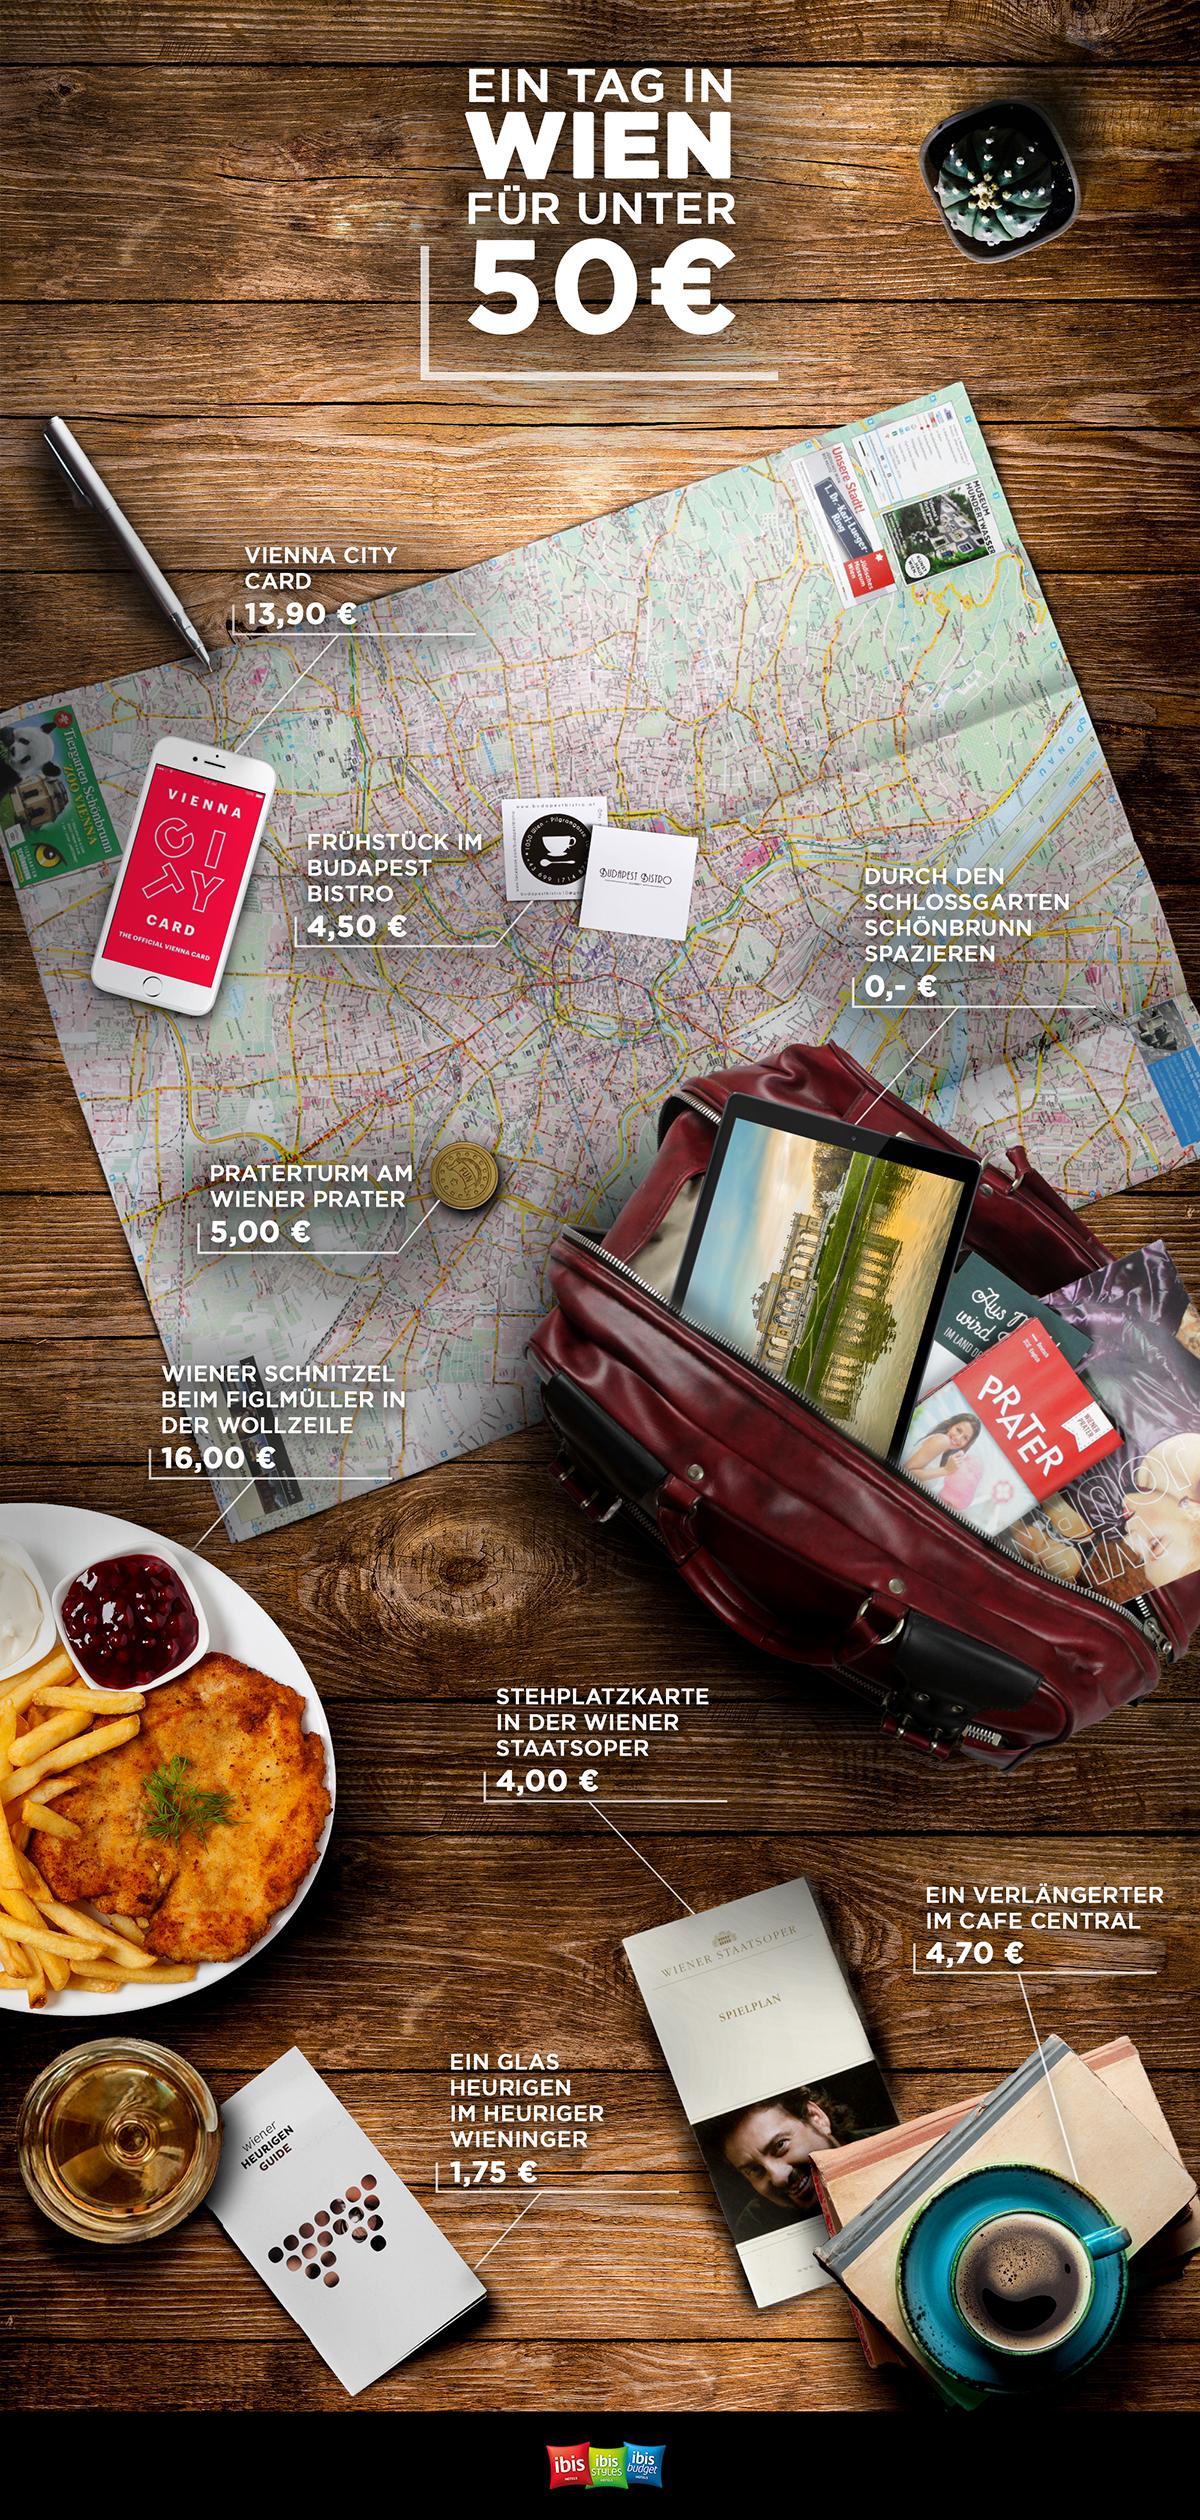 Wien günstig entdecken (Infografik)